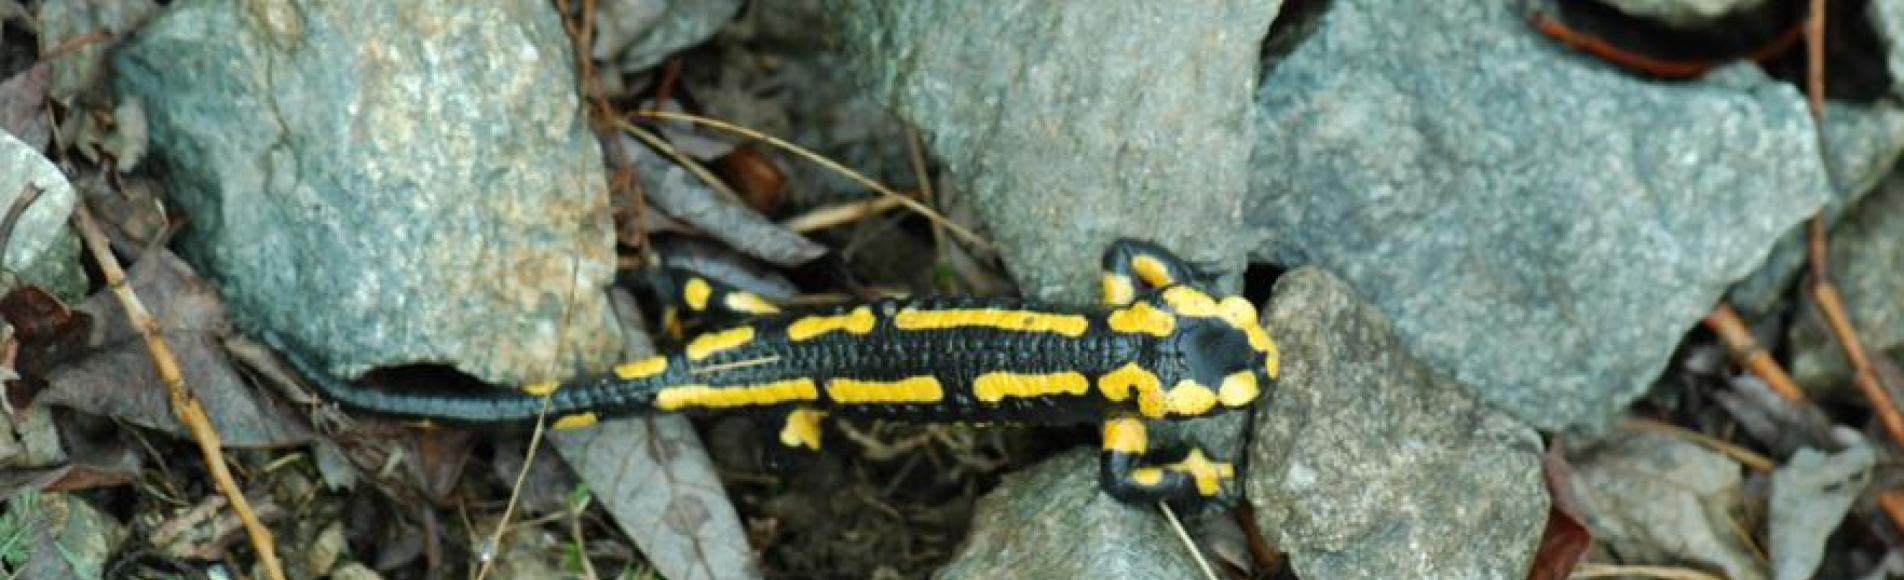 Salamandre - © Oliver Warluzelle - Parc national des Ecrins